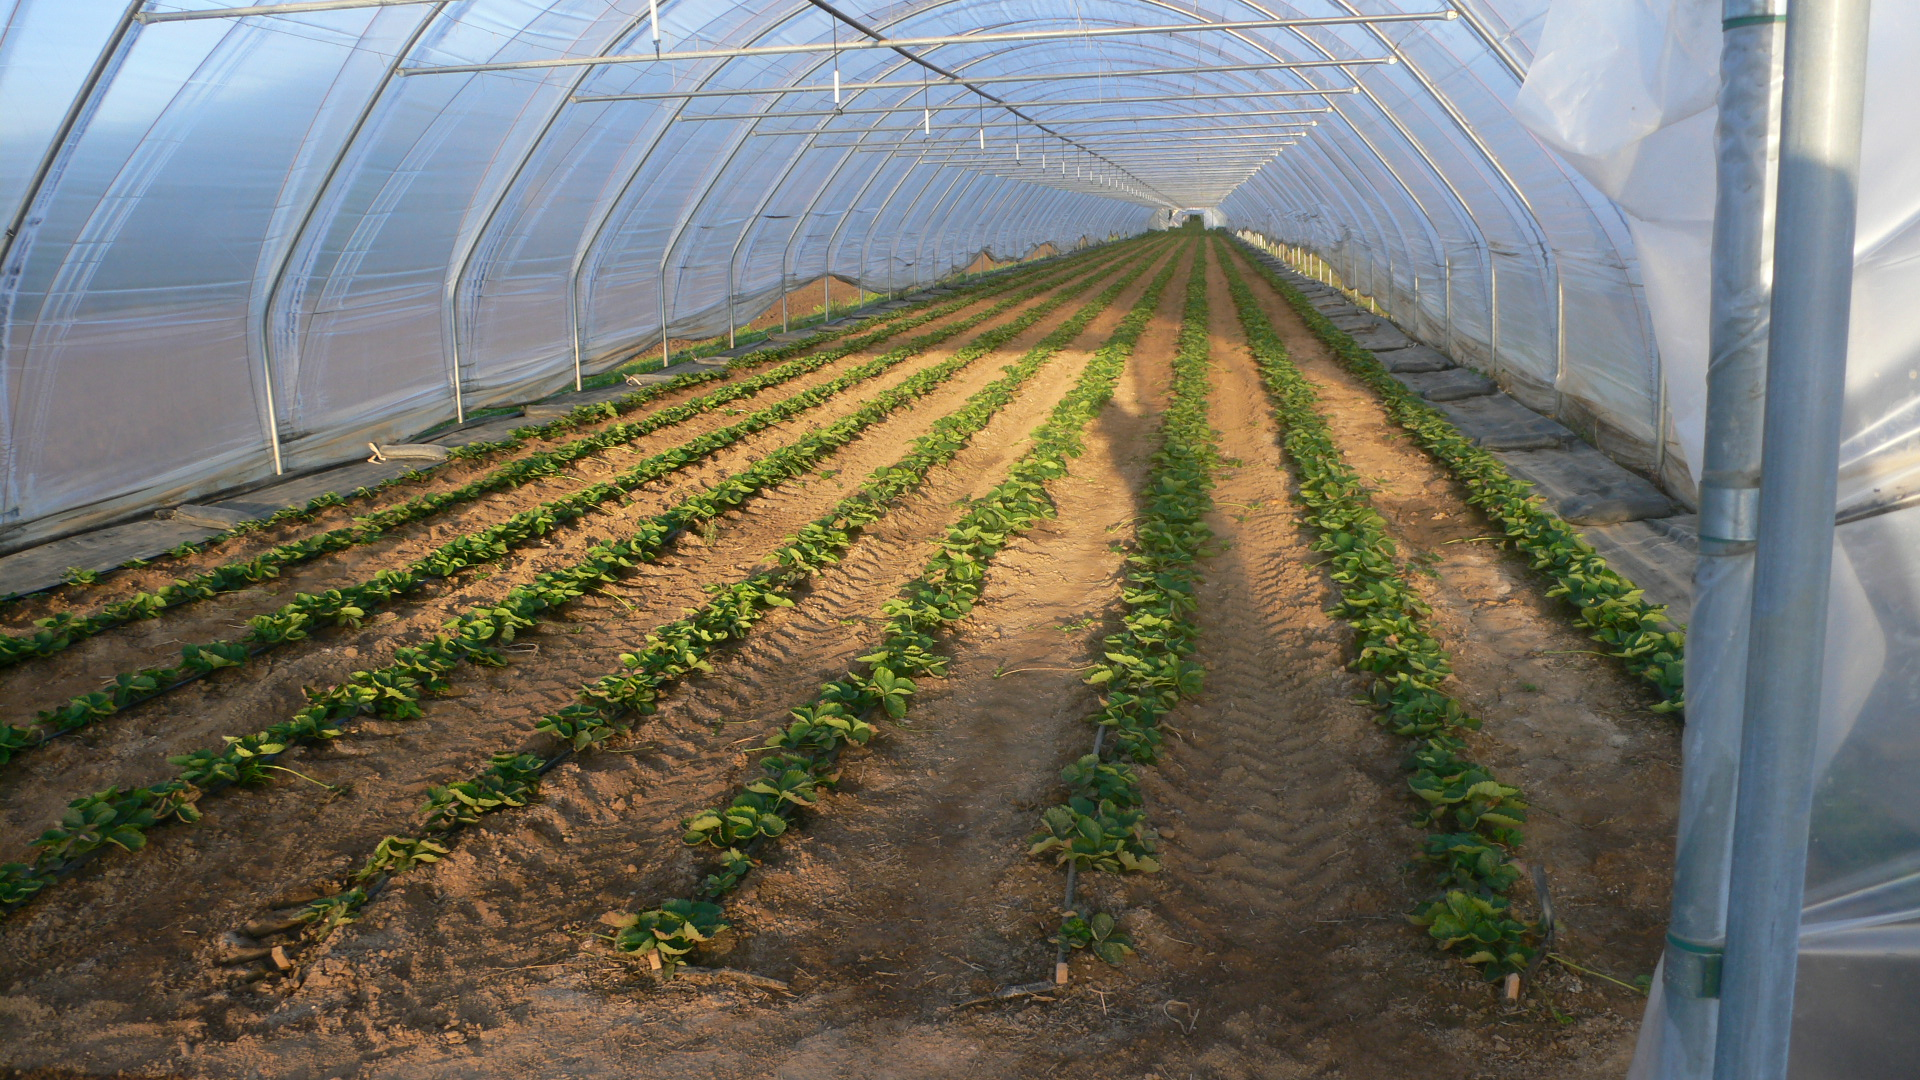 Folientunnel mit Erdbeerpflanzen